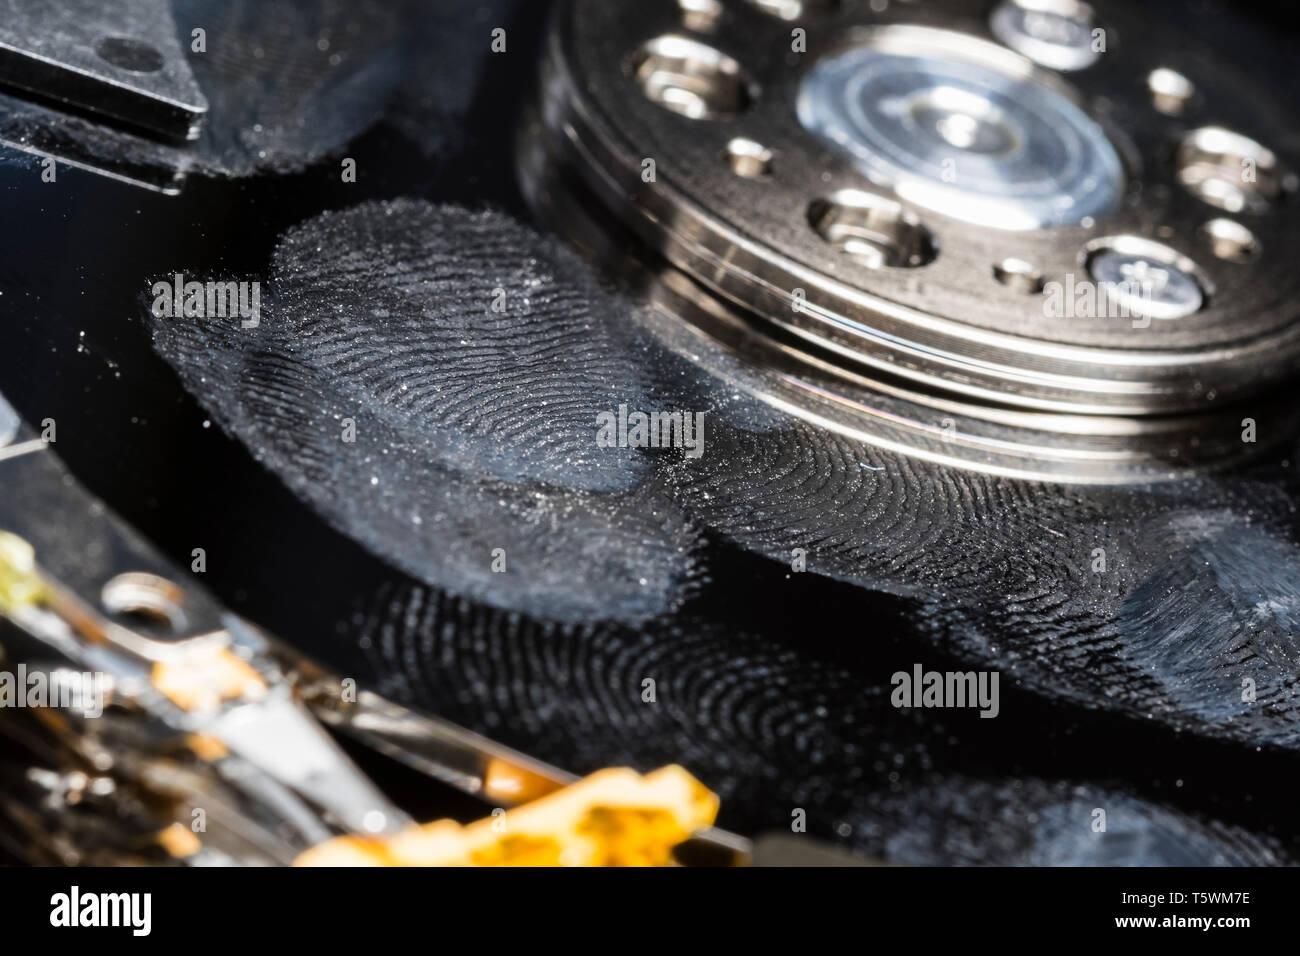 Festplatte verwöhnt durch das Berühren von & mit Fingerabdrücken übersäht. Festplatte in der Notwendigkeit der Datenwiederherstellung. Verloren gehen, zerstört oder beschädigt. Stockbild